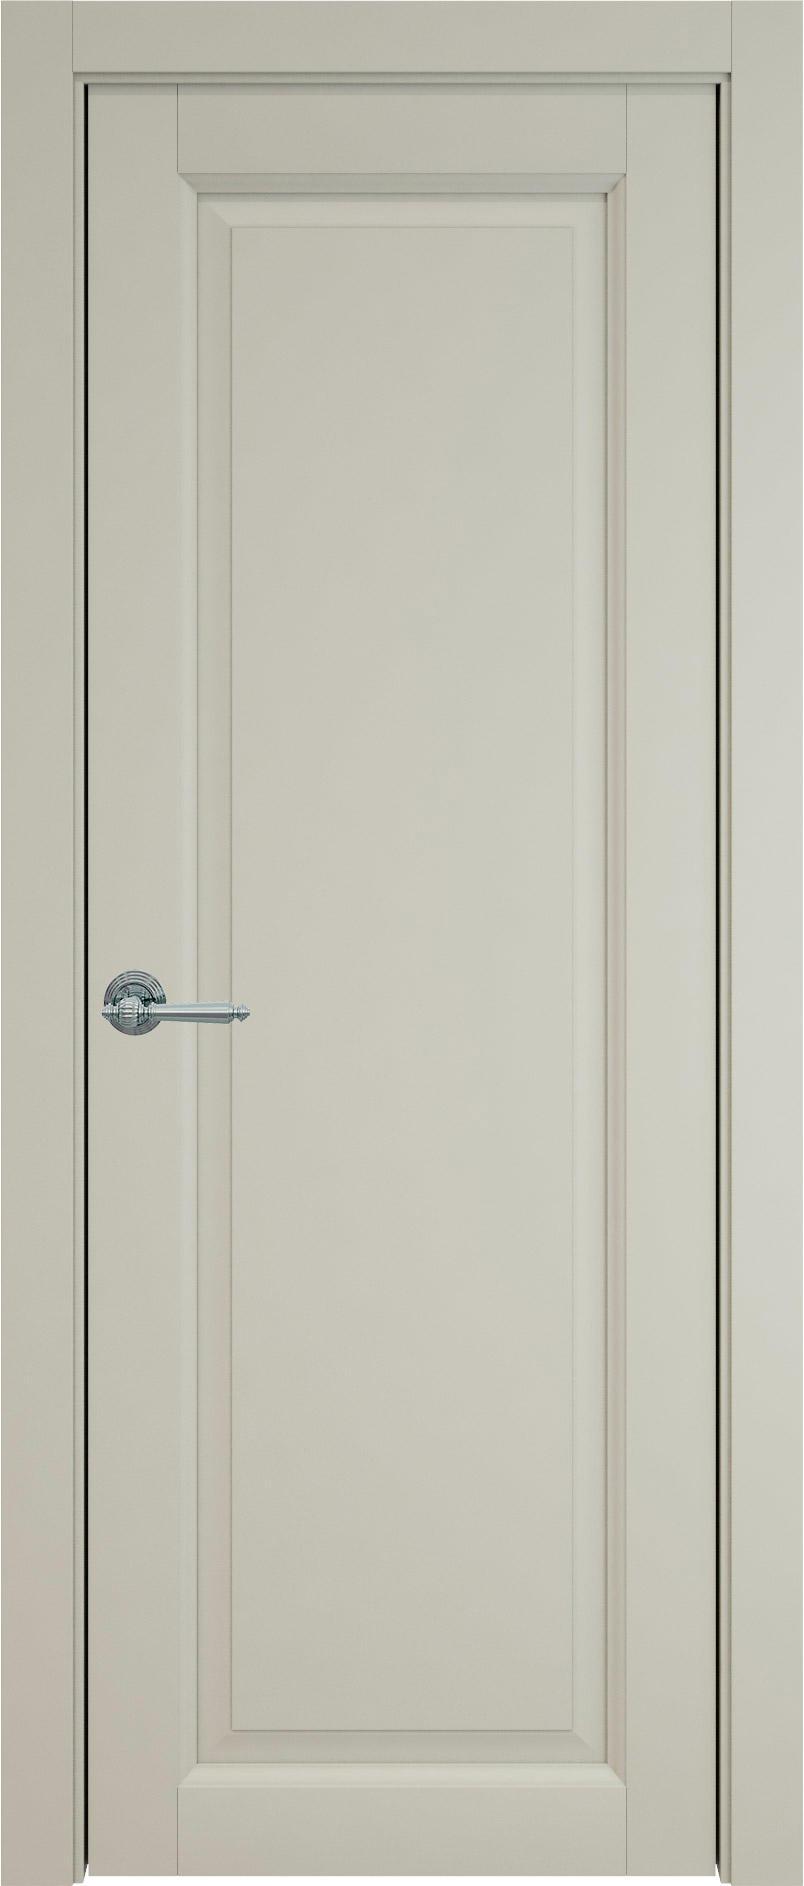 Domenica цвет - Серо-оливковая эмаль (RAL 7032) Без стекла (ДГ)